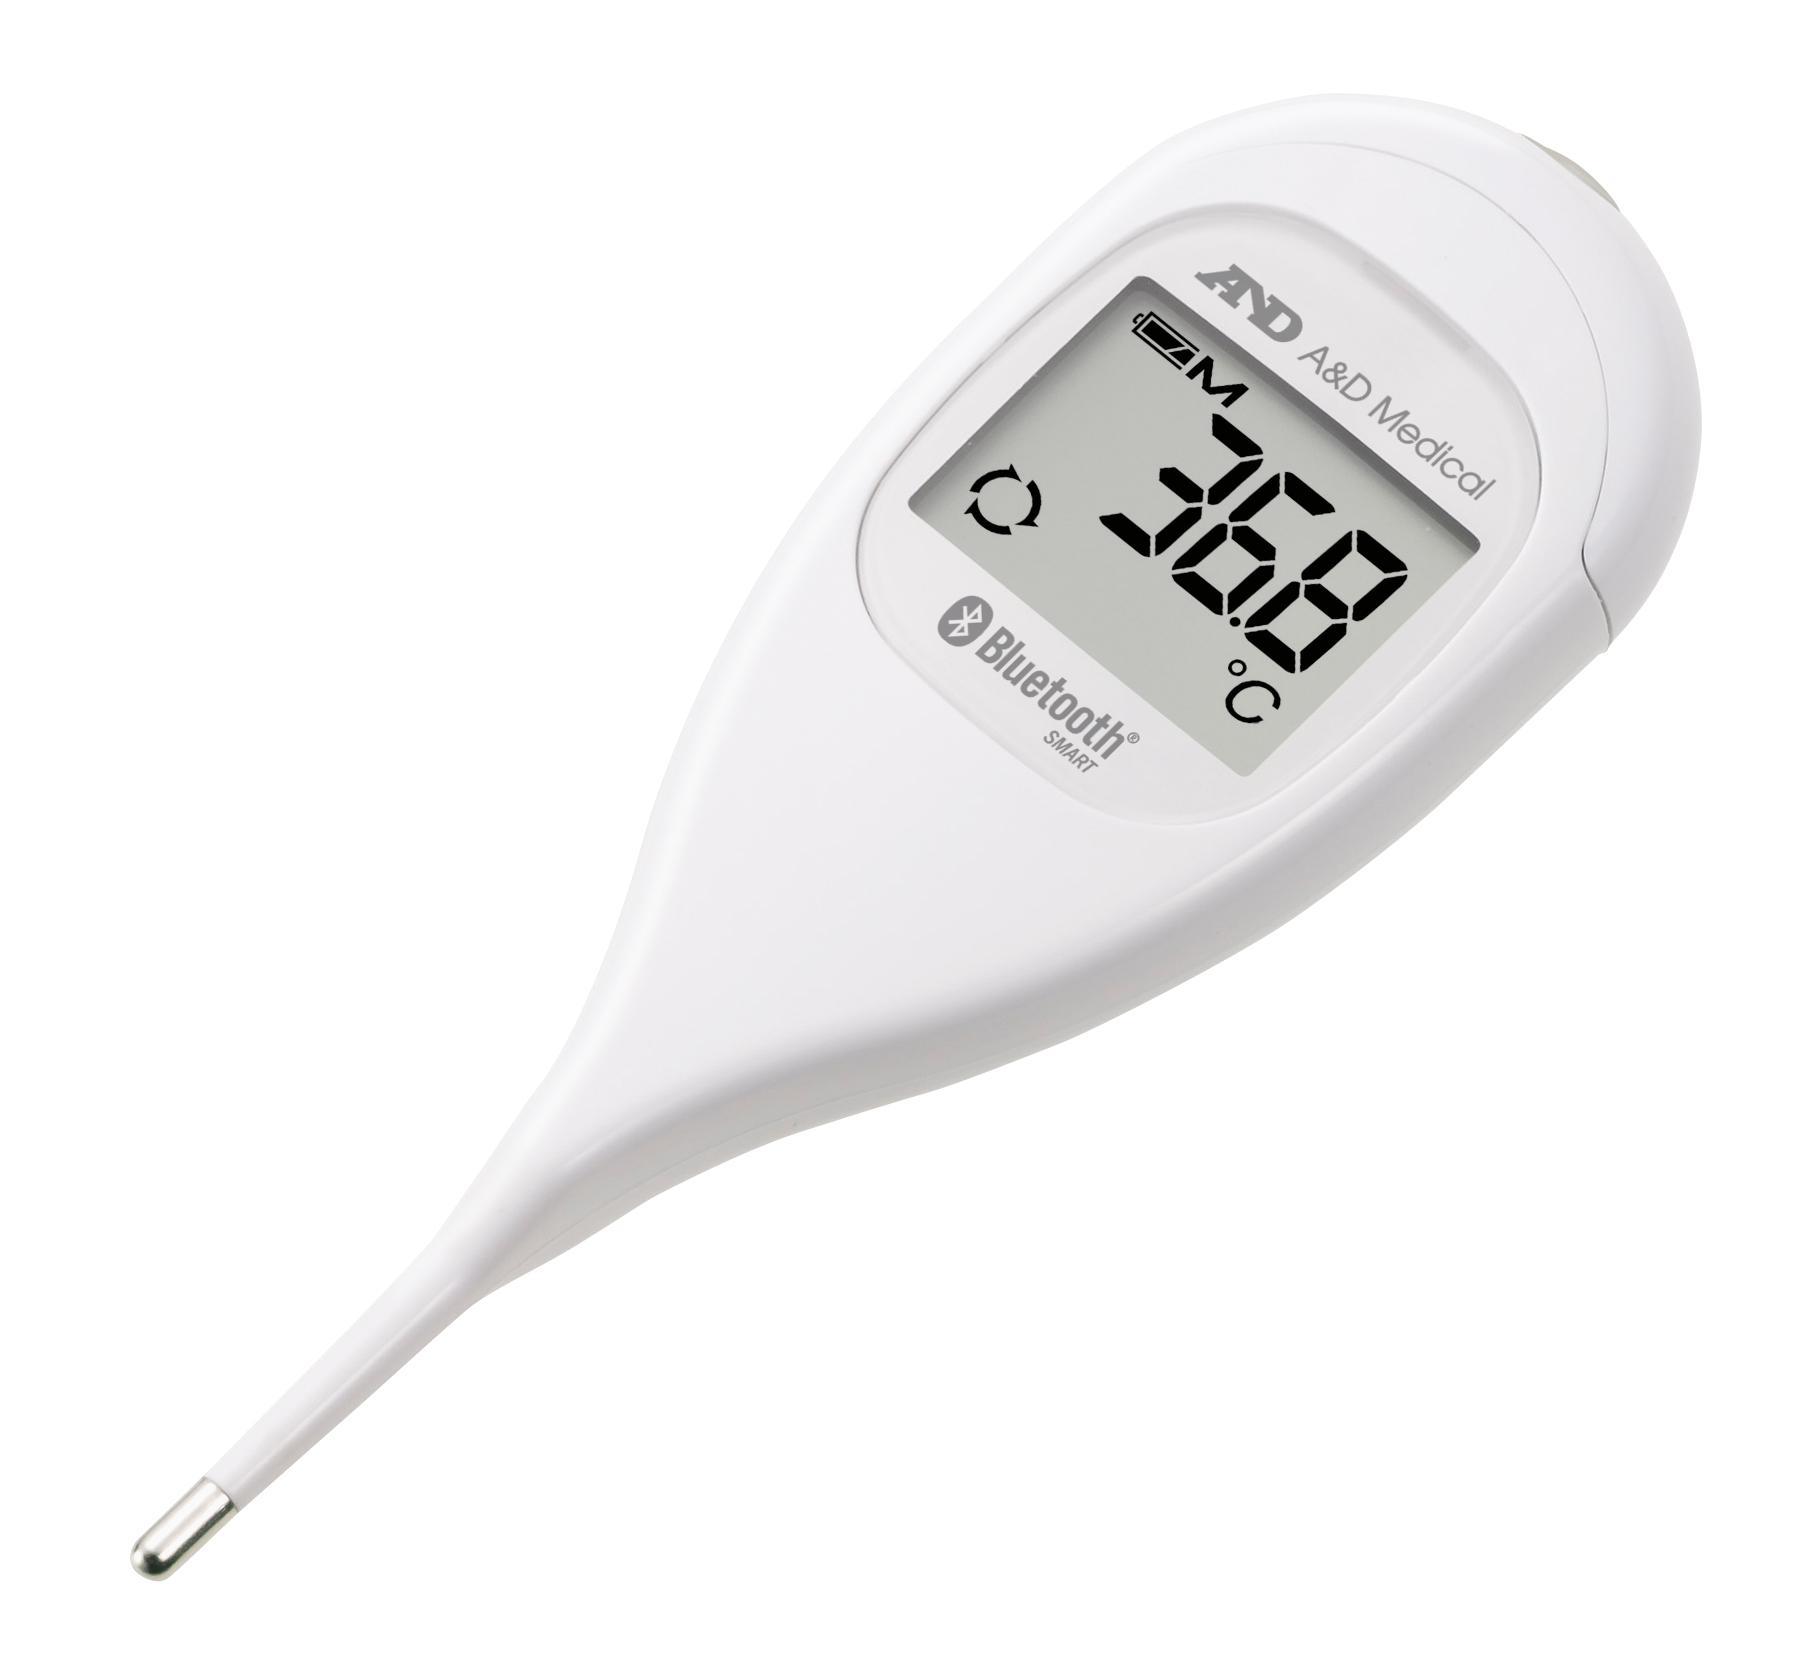 A&D, A&D medical, Termómetro Digital, Termómetro, Termómetro digital Bebé, Termómetro sin